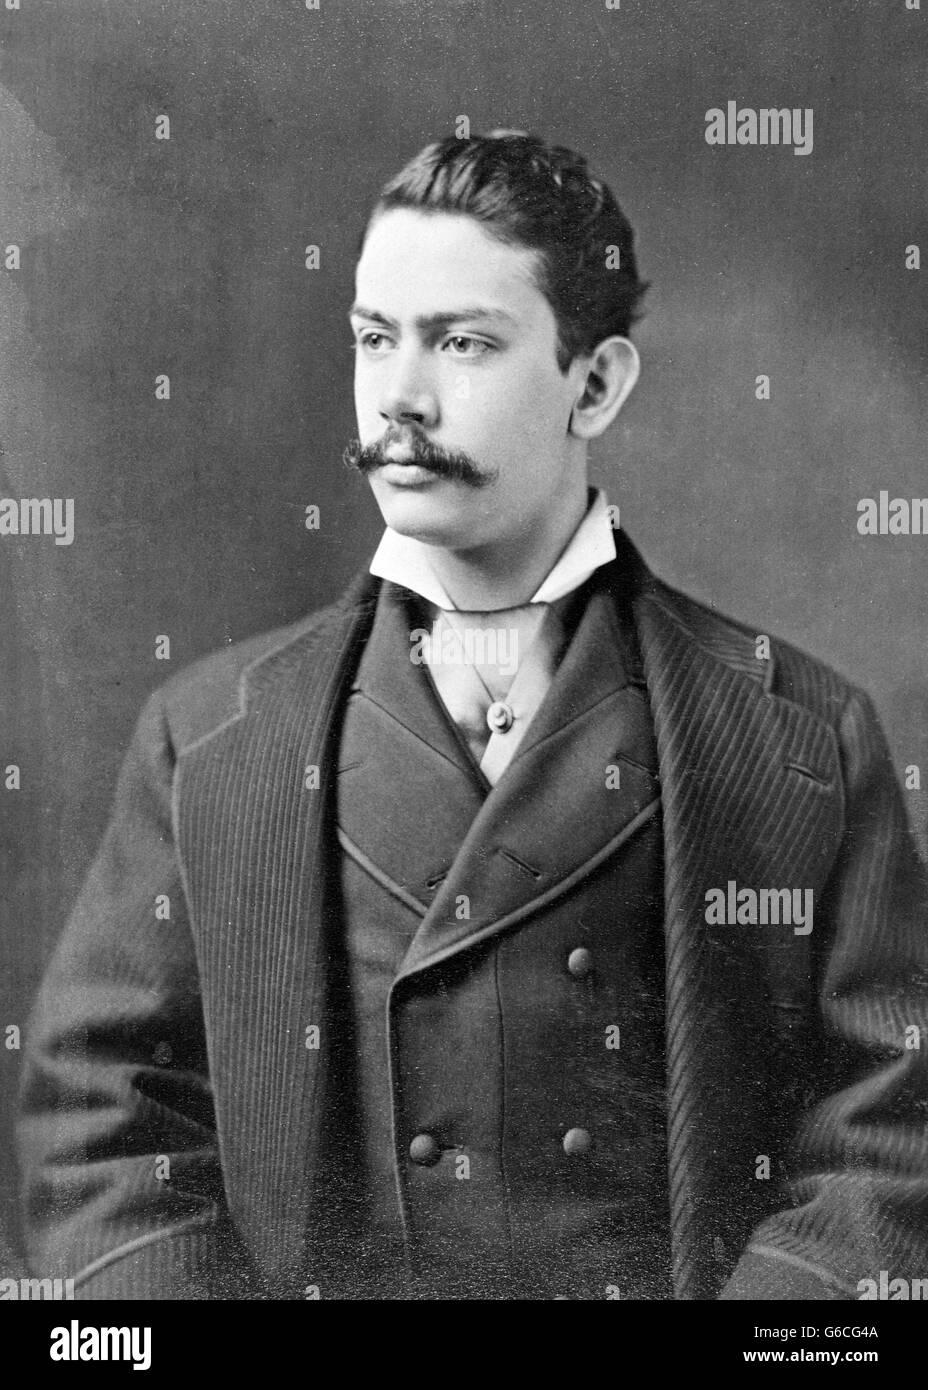 1890 DÉBUT DU 20ème siècle PORTRAIT MAN WEARING costume trois pièces col cassé et CRAVAT Photo Stock